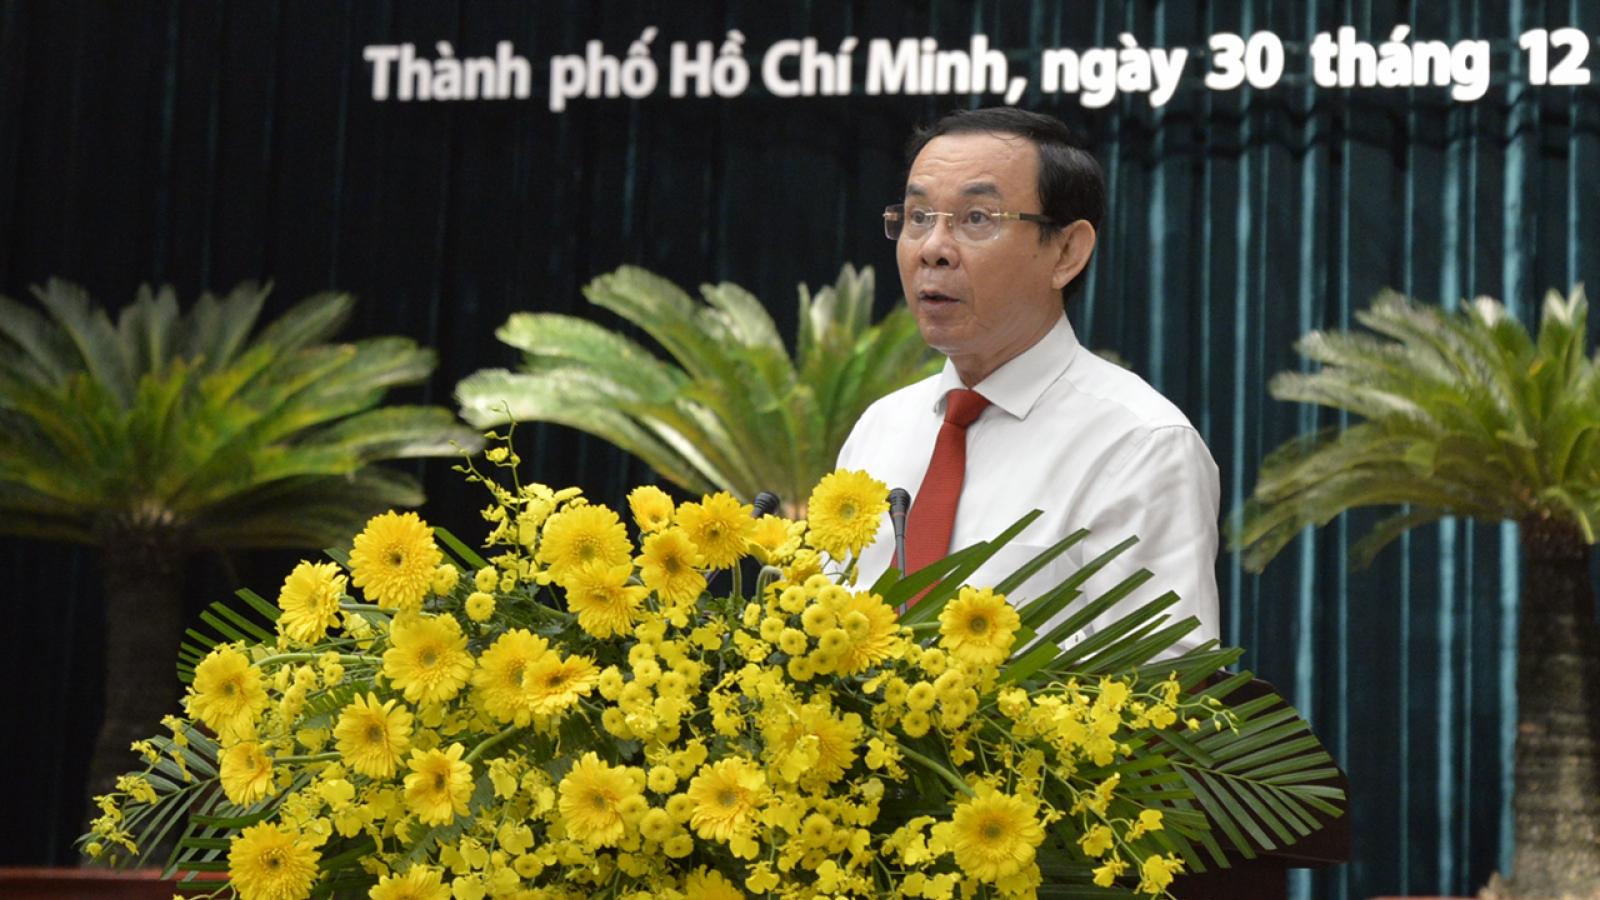 Bí thư Thành ủy Nguyễn Văn Nên nhấn mạnh quy hoạch TPHCM đến năm 2040